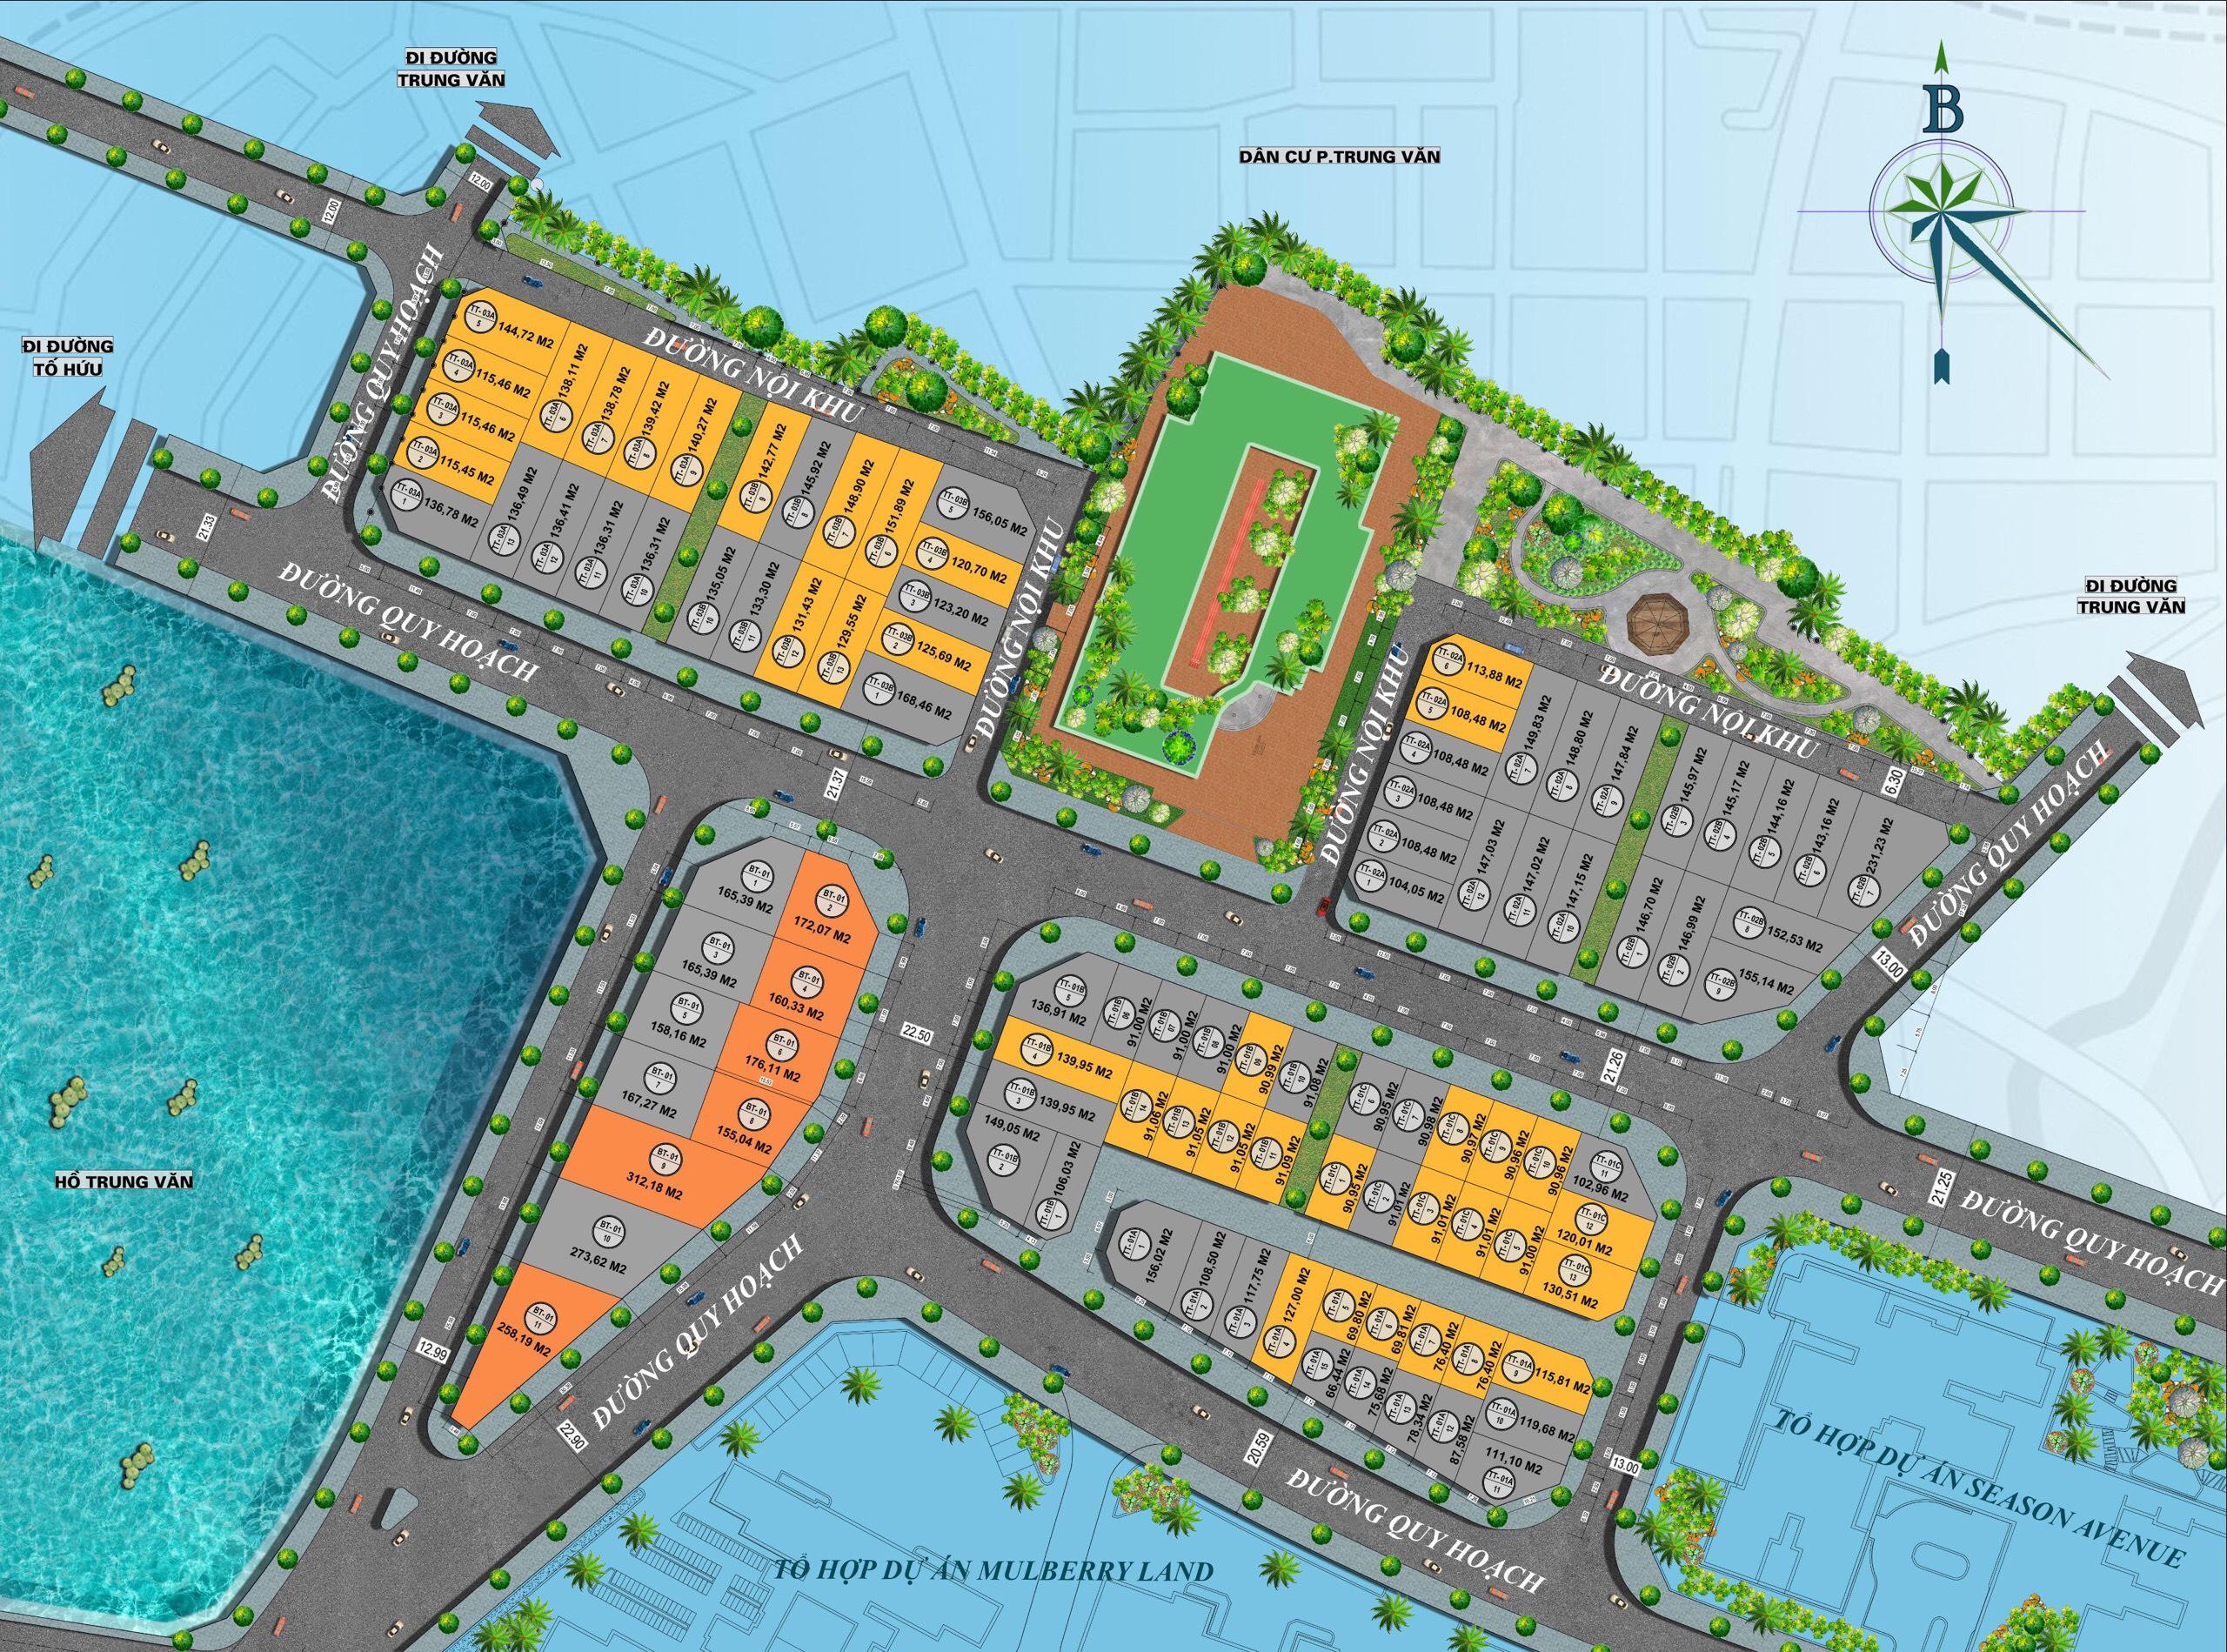 Mặt bằng kỹ thuật Dự án Biệt thự Liền kề Hoàng Thành Villas Mộ Lao - Hà Đông